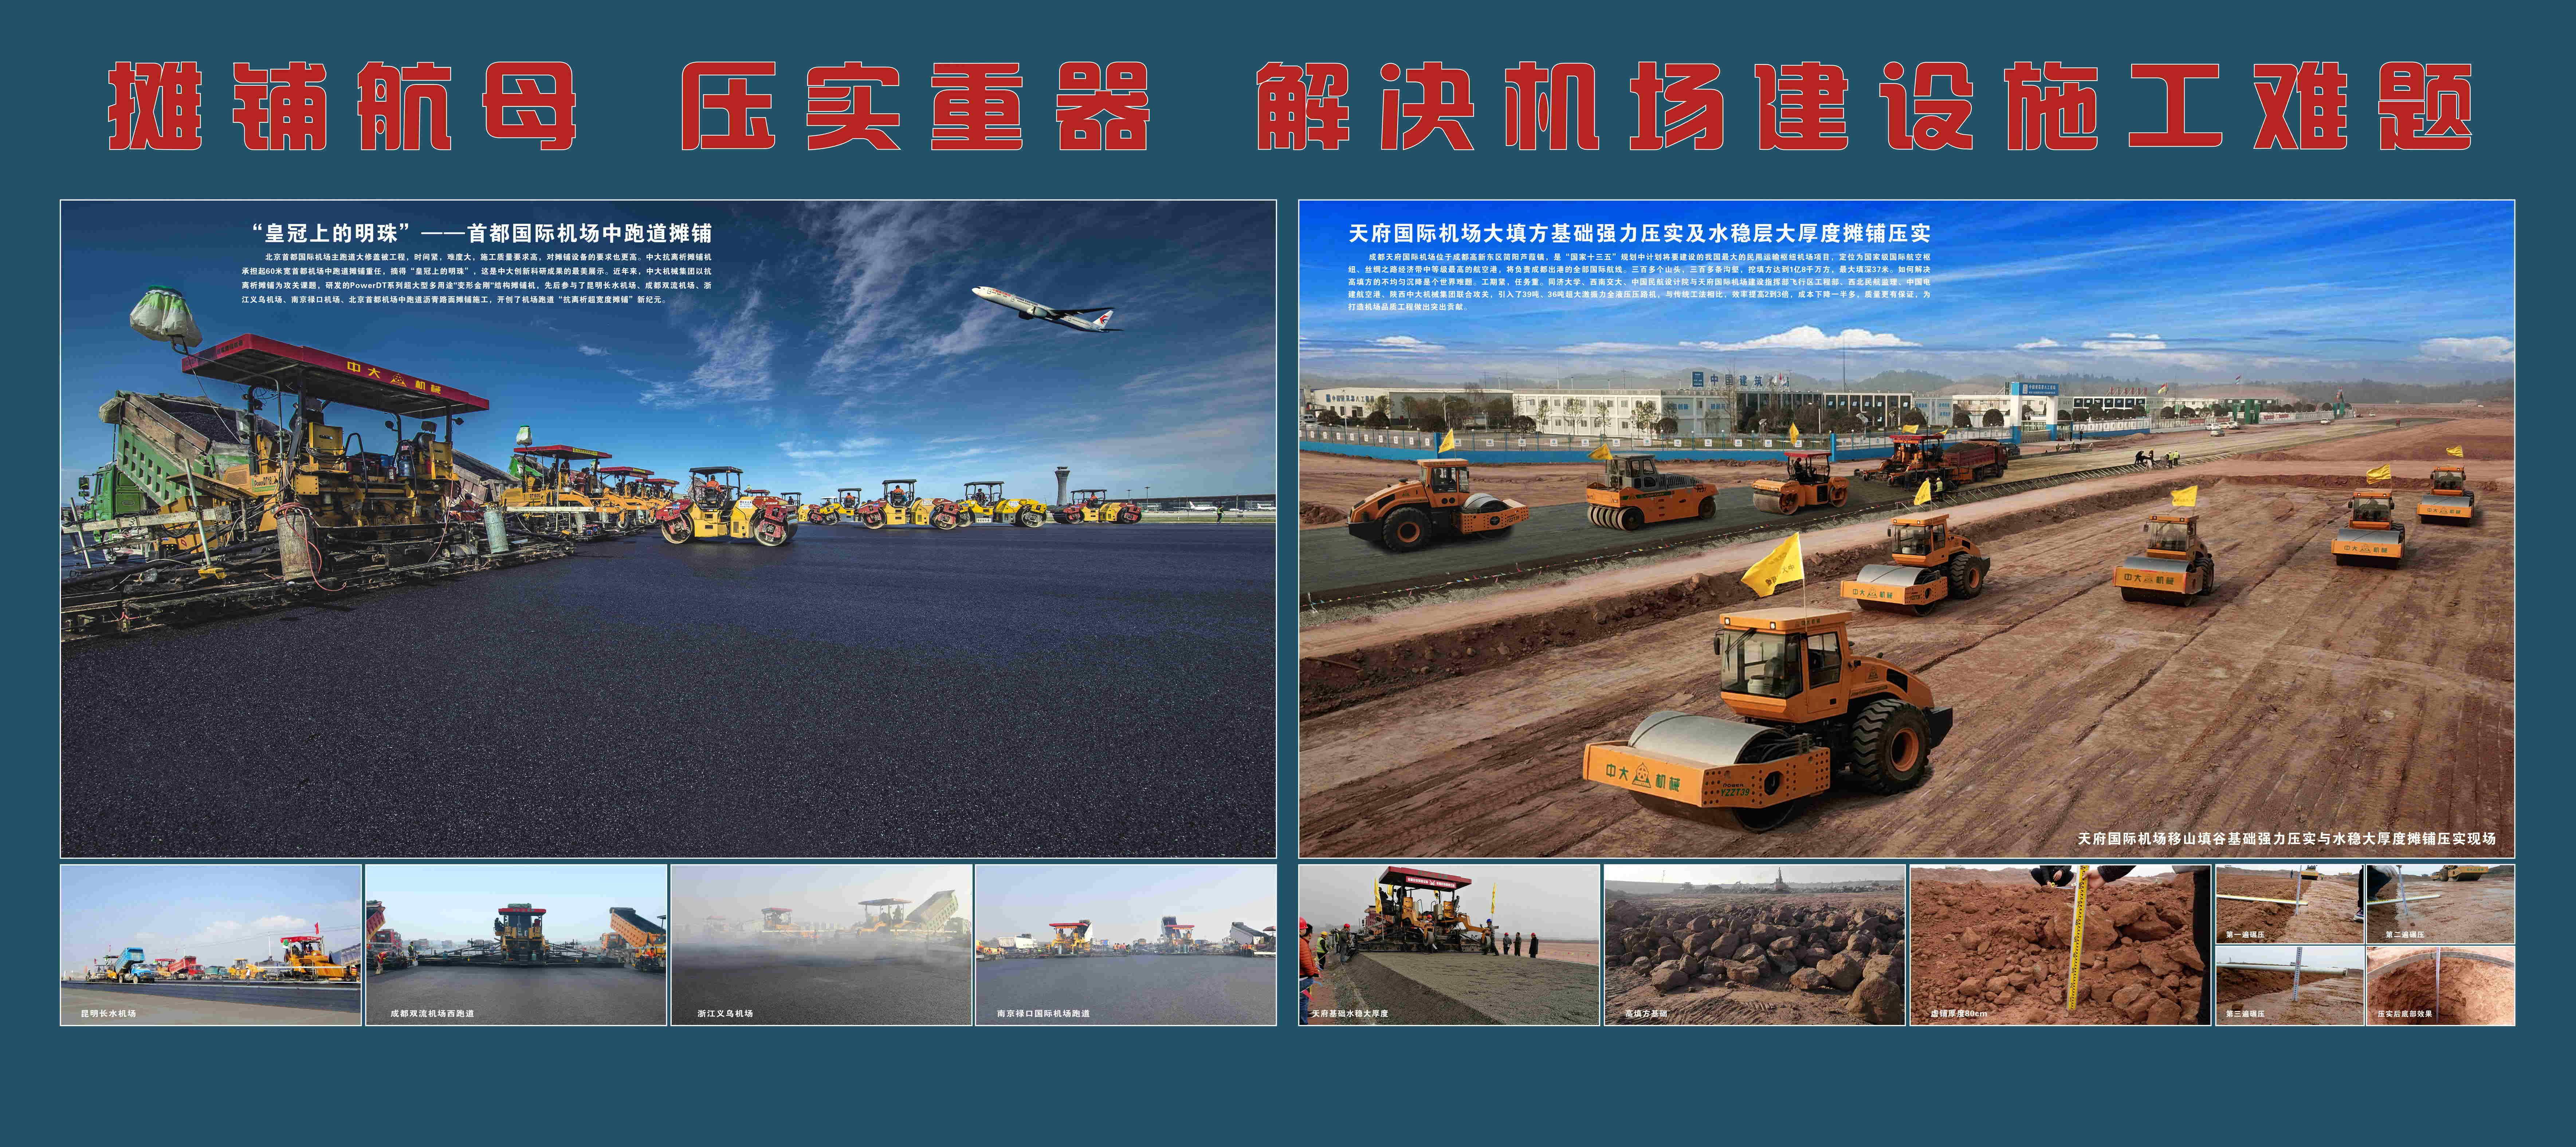 摊铺航母 压实重器 解决机场建设施工难题